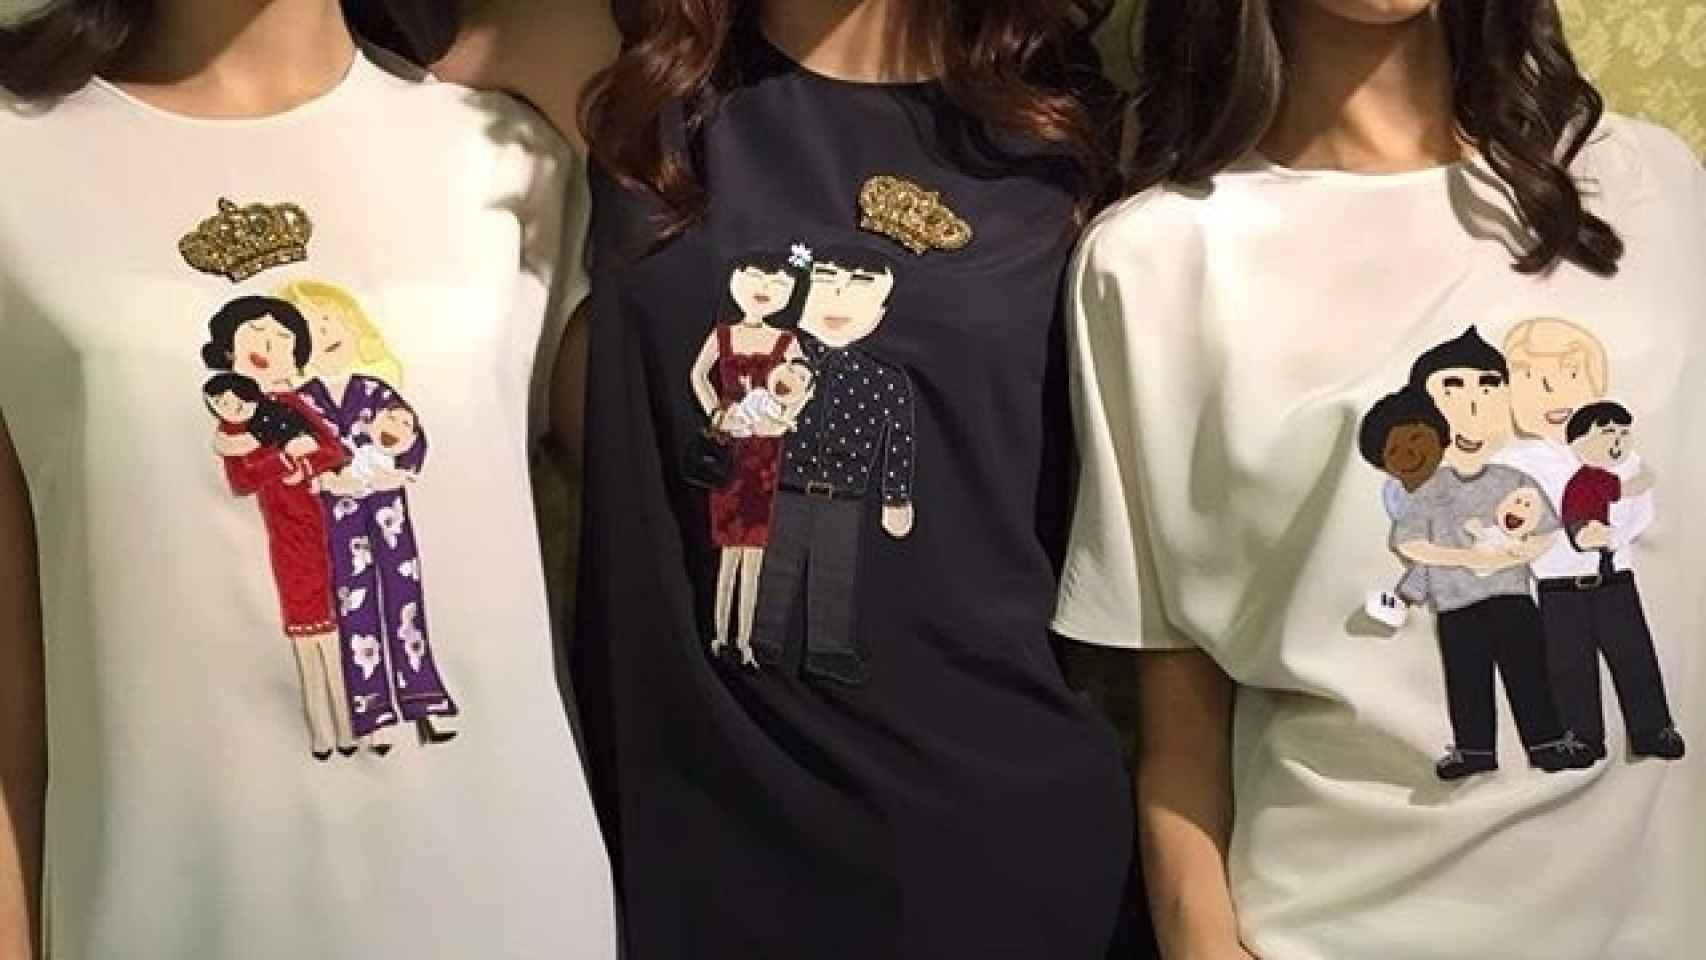 Camisetas con parejas del mismo sexo de Dolce & Gabbana